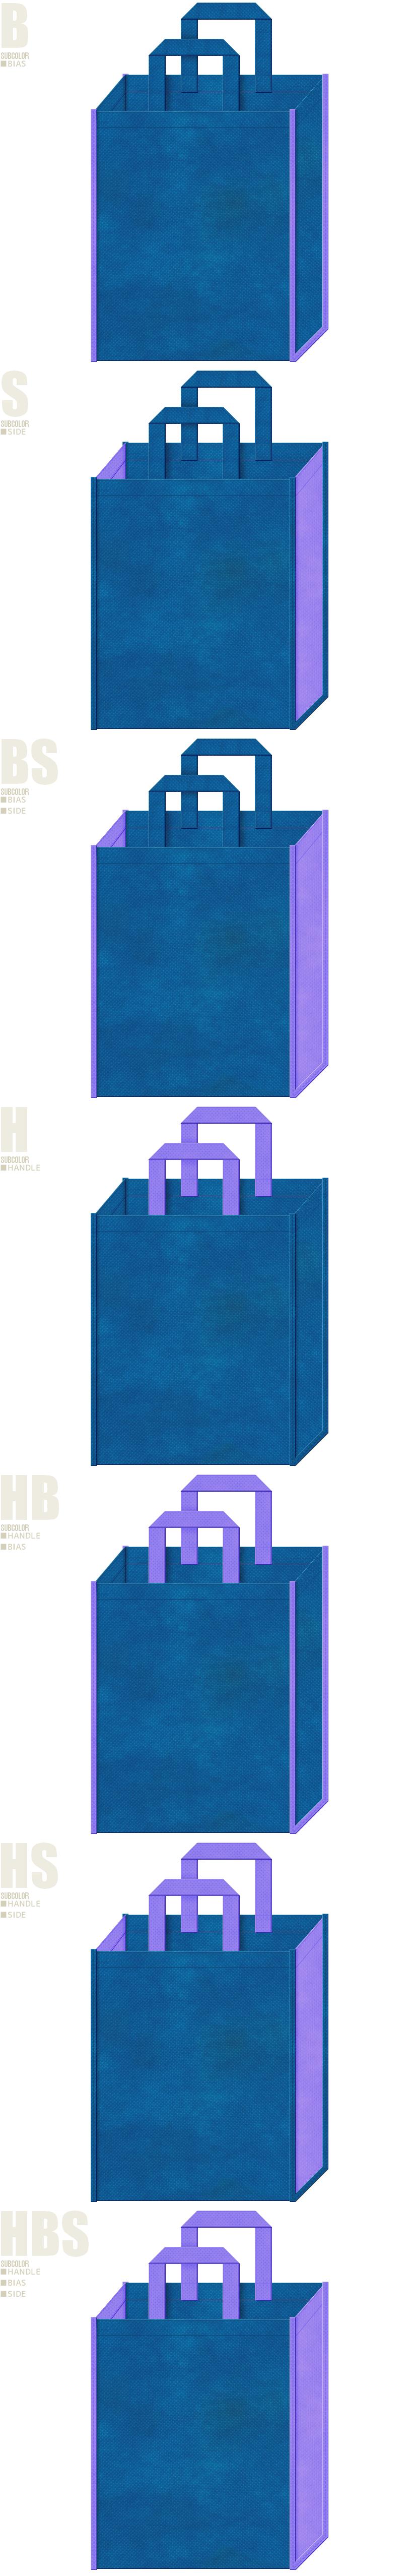 不織布バッグのデザイン:青色と薄紫色の配色7パターン